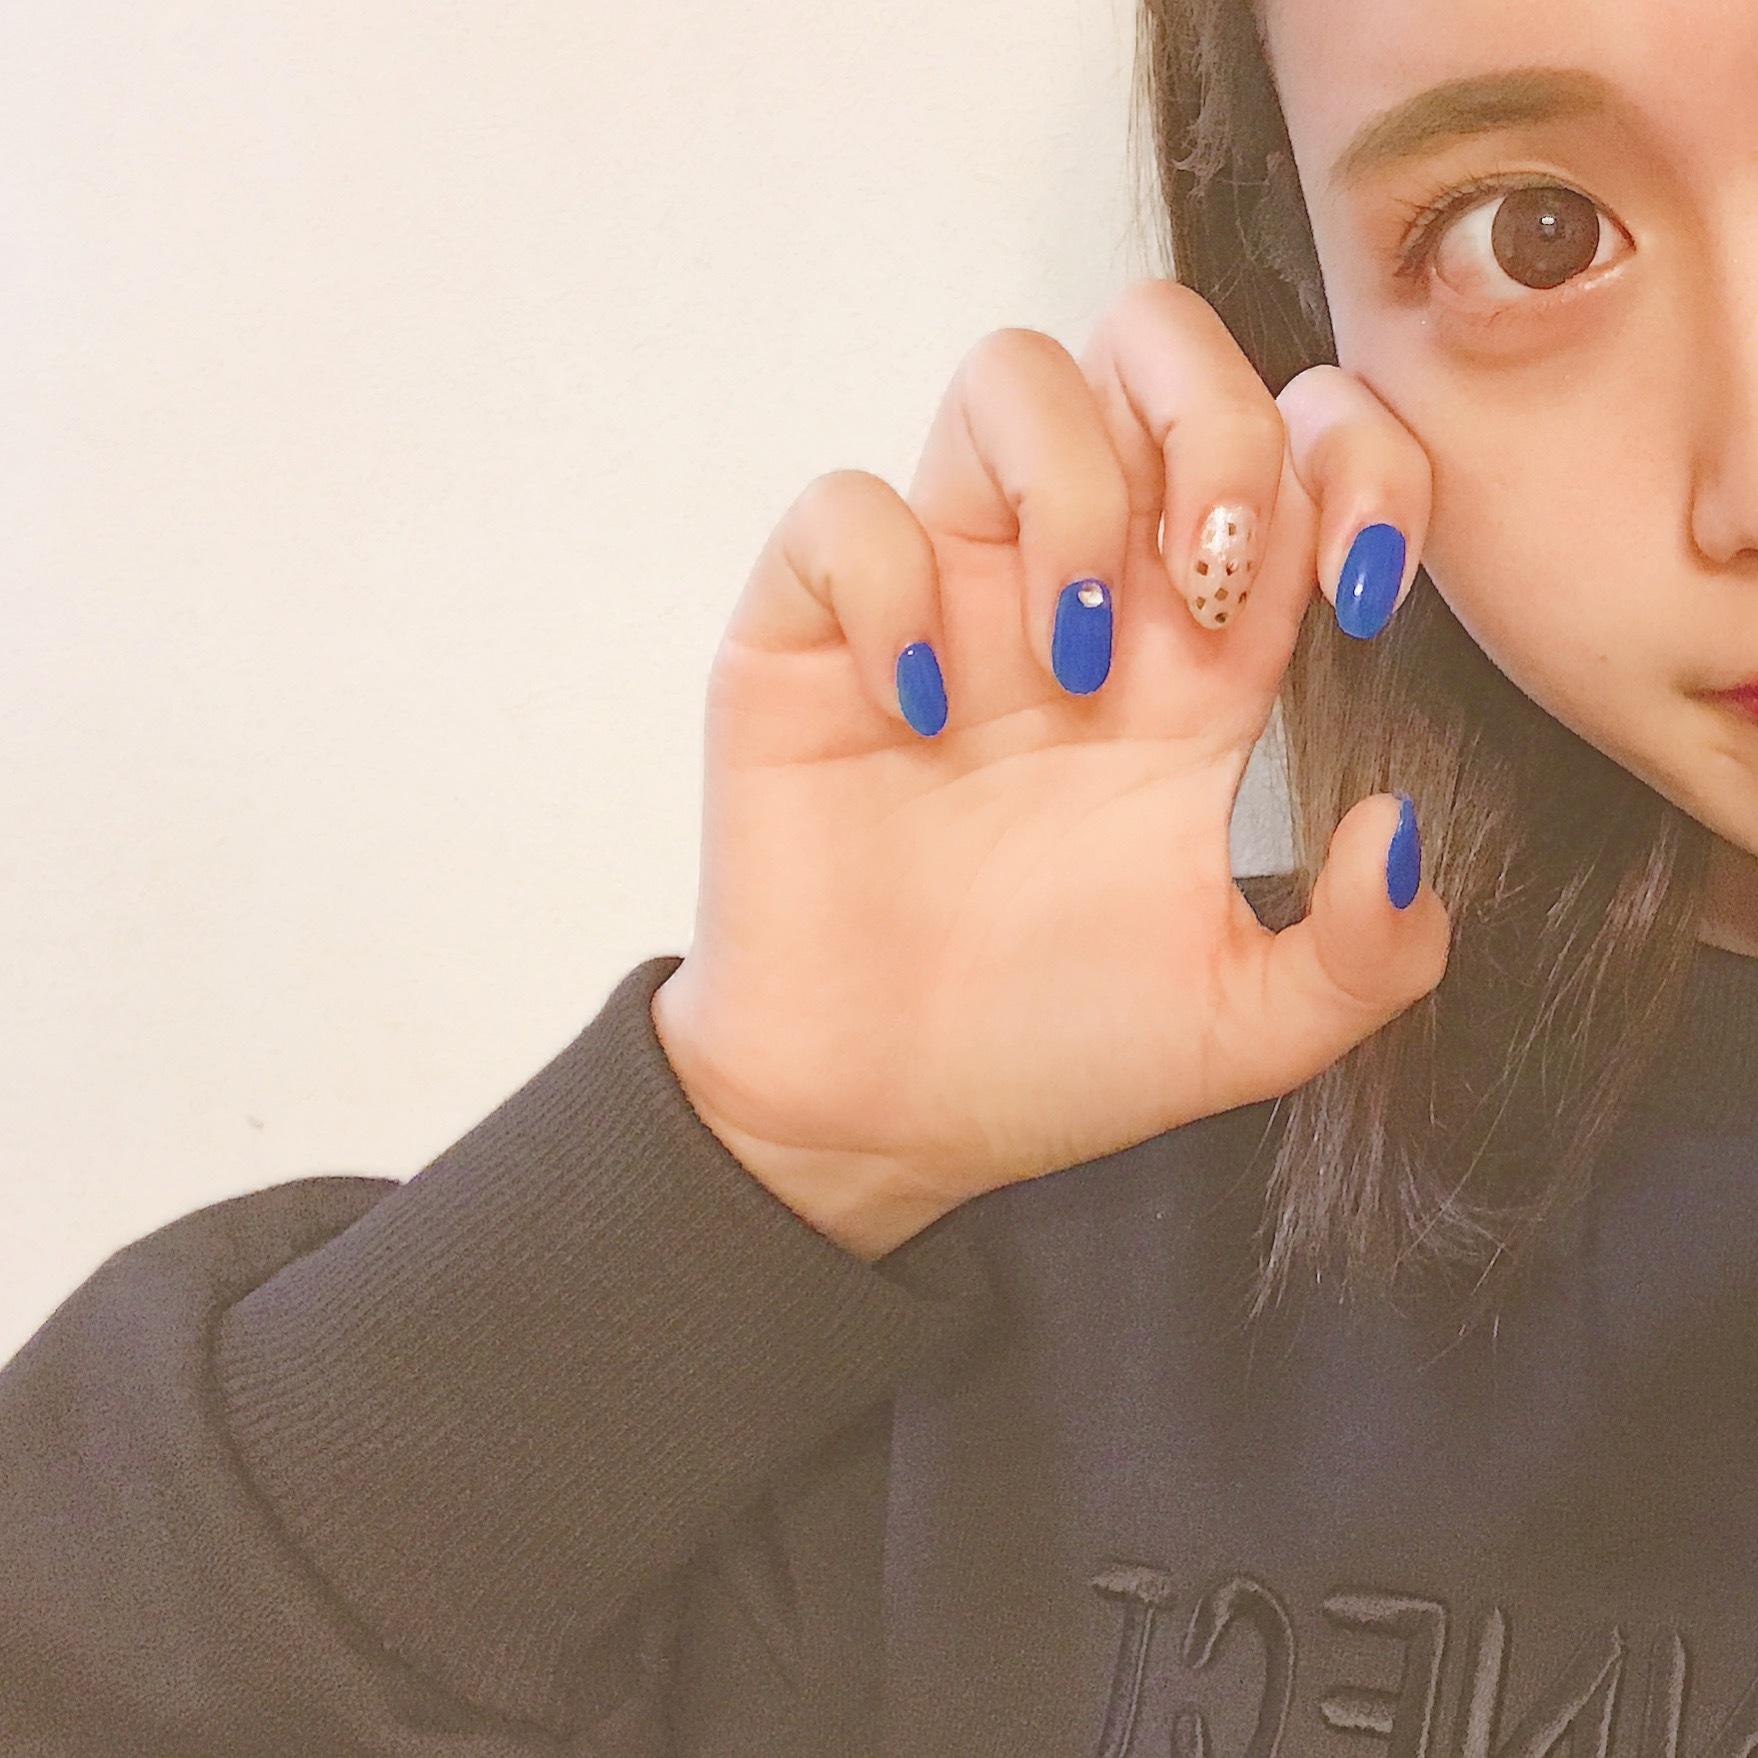 【オシャレは爪先からʕ•̫͡•ʔ♬✧】  この冬におすすめのネイルデザインとは!?_1_1